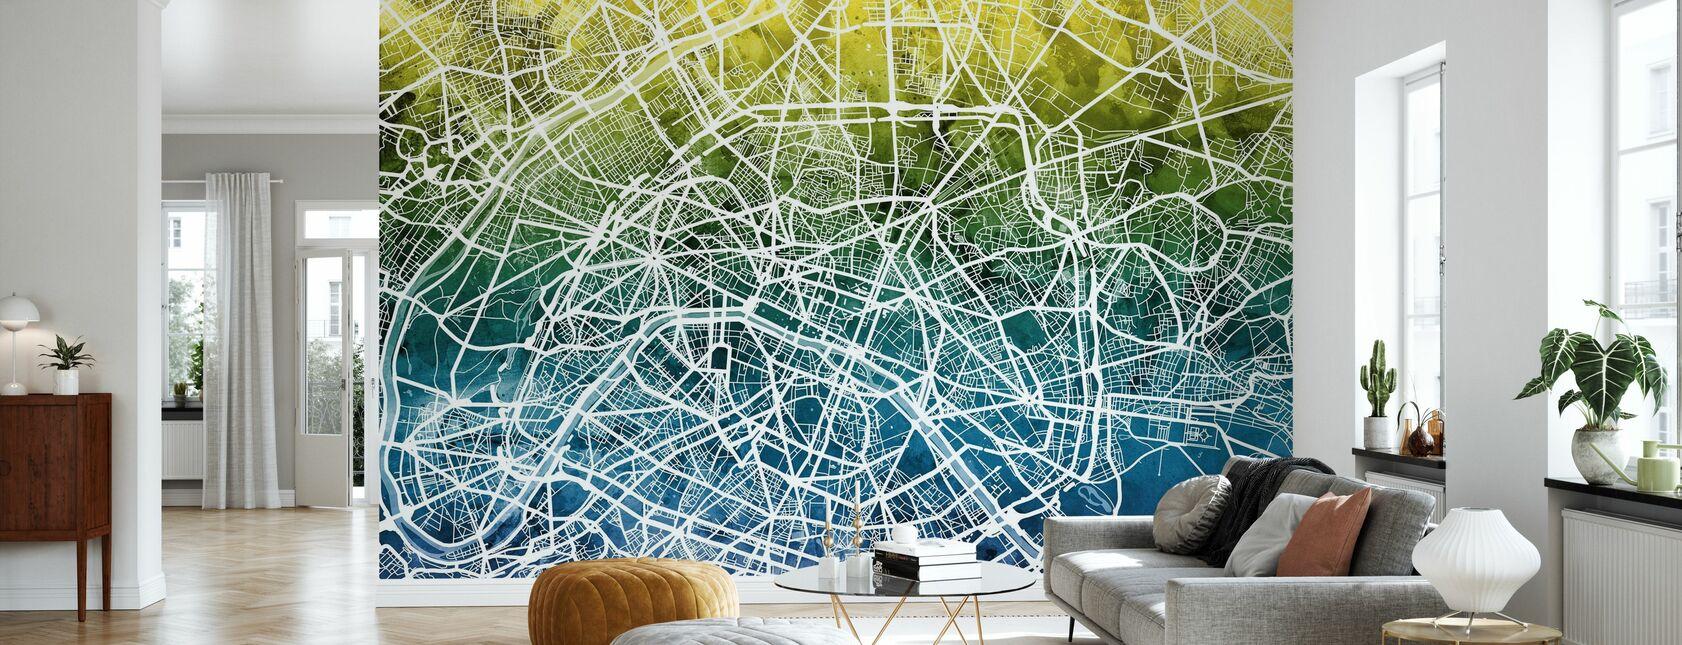 Pariisi Street Kartta Bluegreen - Tapetti - Olohuone